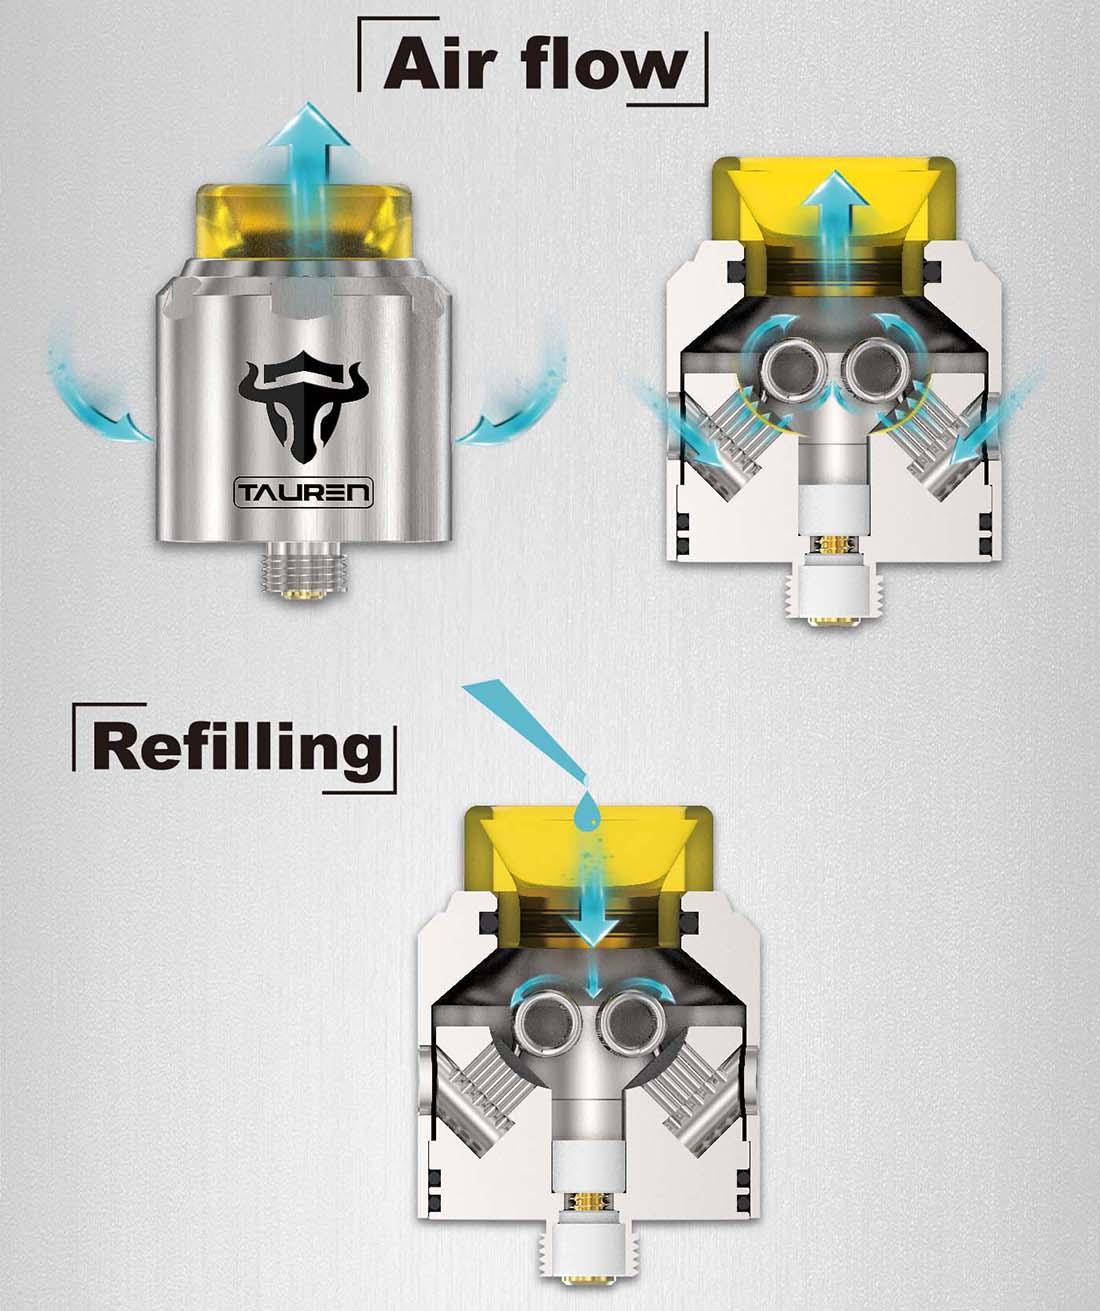 THC Tauren RDA Airflow Filling